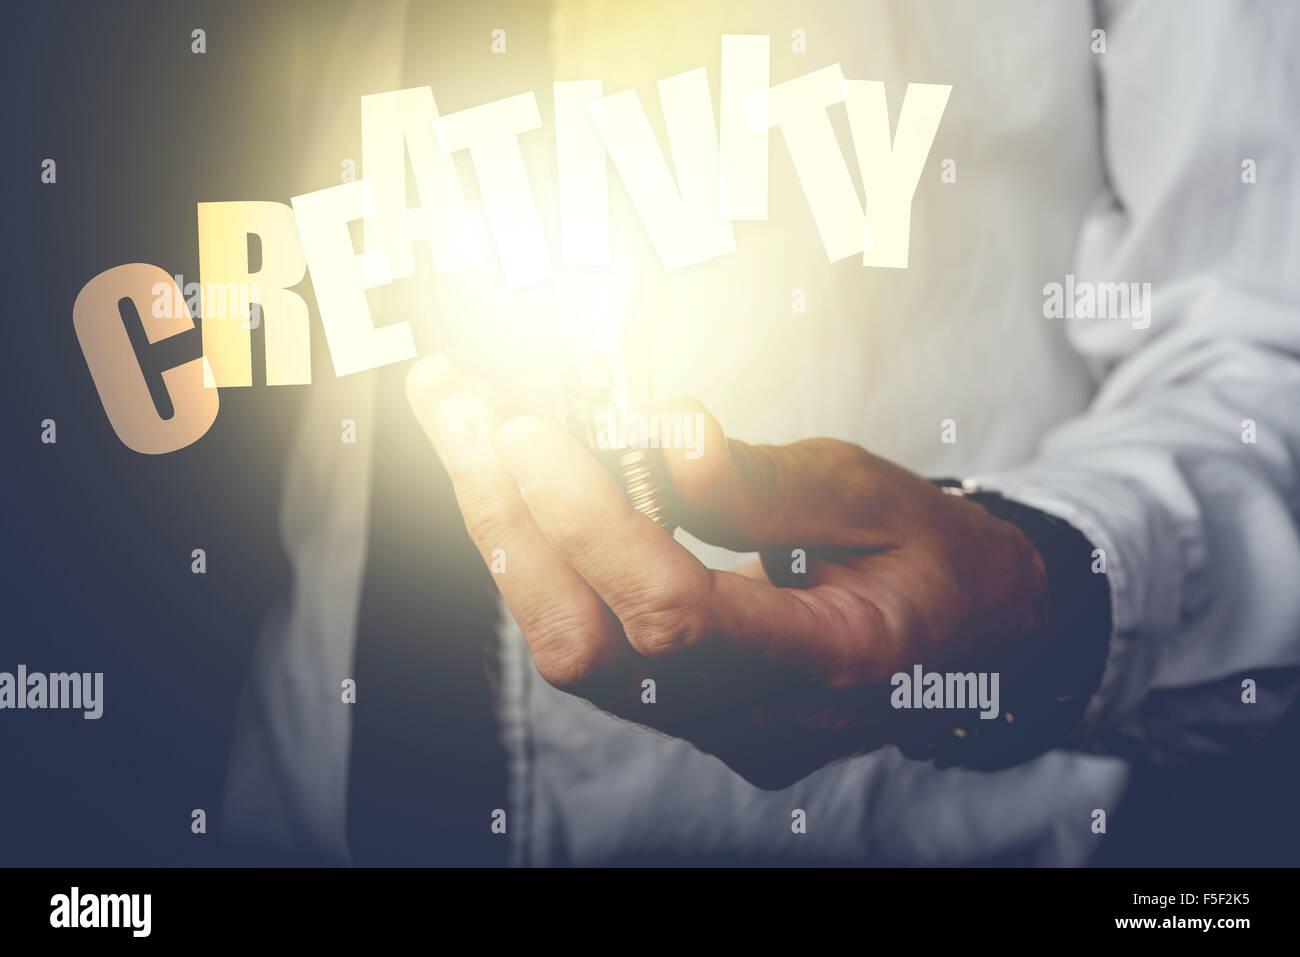 Il concetto di creatività con imprenditore tenendo lampadina, dai toni rétro immagine, il fuoco selettivo. Immagini Stock